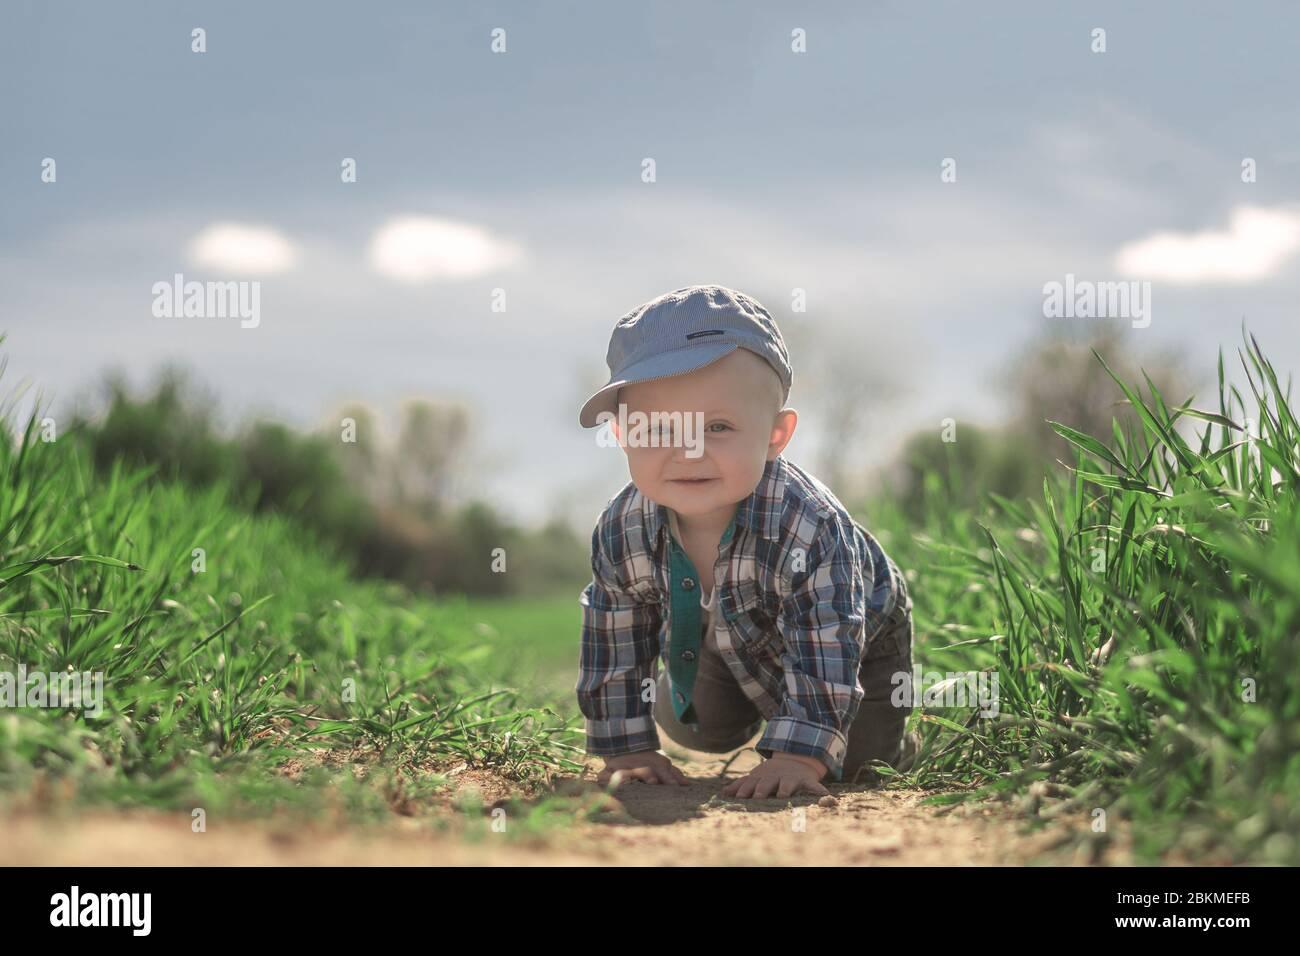 Un pequeño niño caucásico con ojos azules en una gorra de béisbol y camisa de cuadros arrastrándose en el surco de un campo con grano en crecimiento. Foto de stock